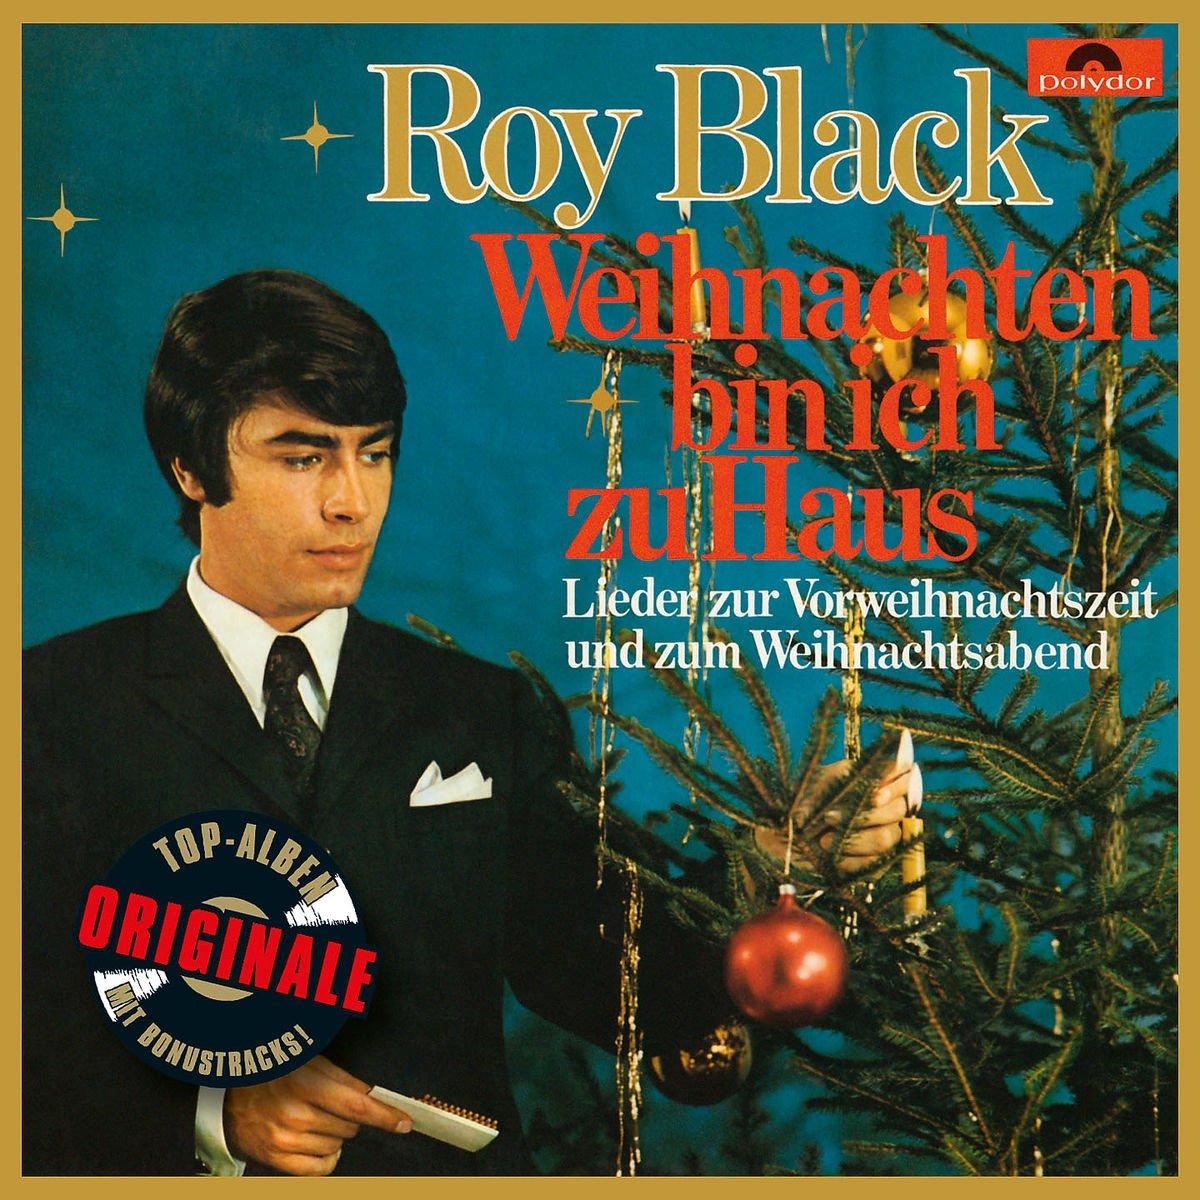 Weihnachten bin ich zu Haus (Originale) - Roy Black: Amazon.de: Musik